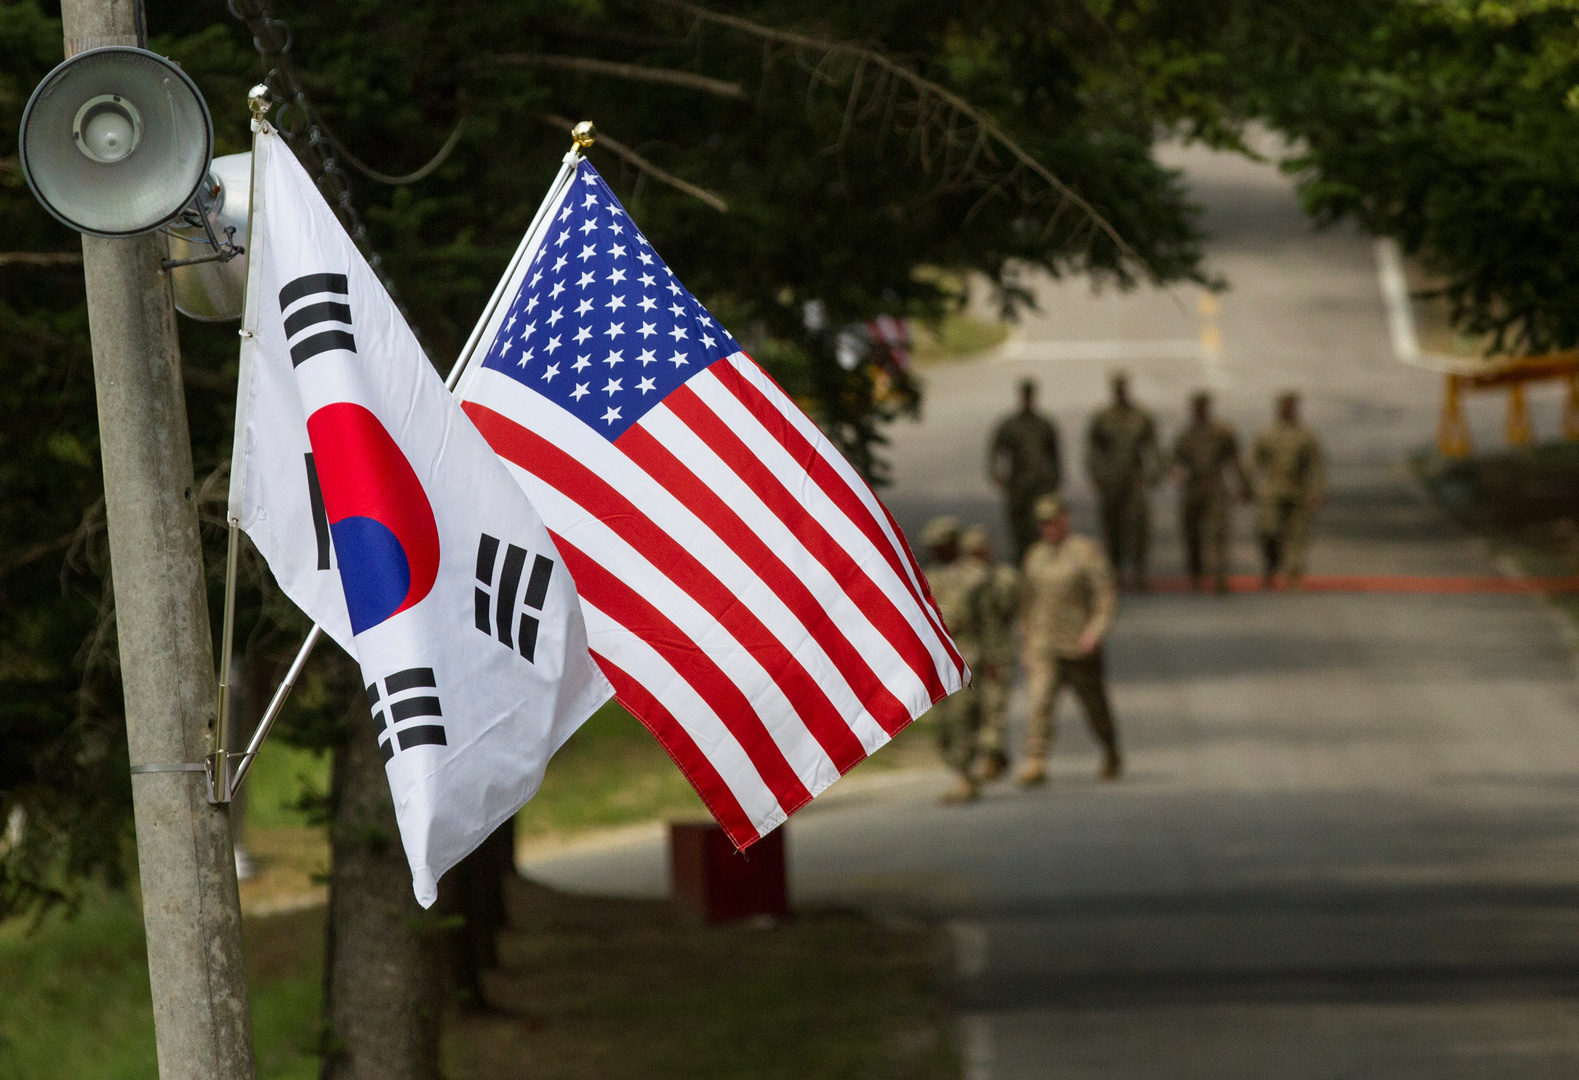 العلم الكوري الجنوبي والعلم الأمريكي